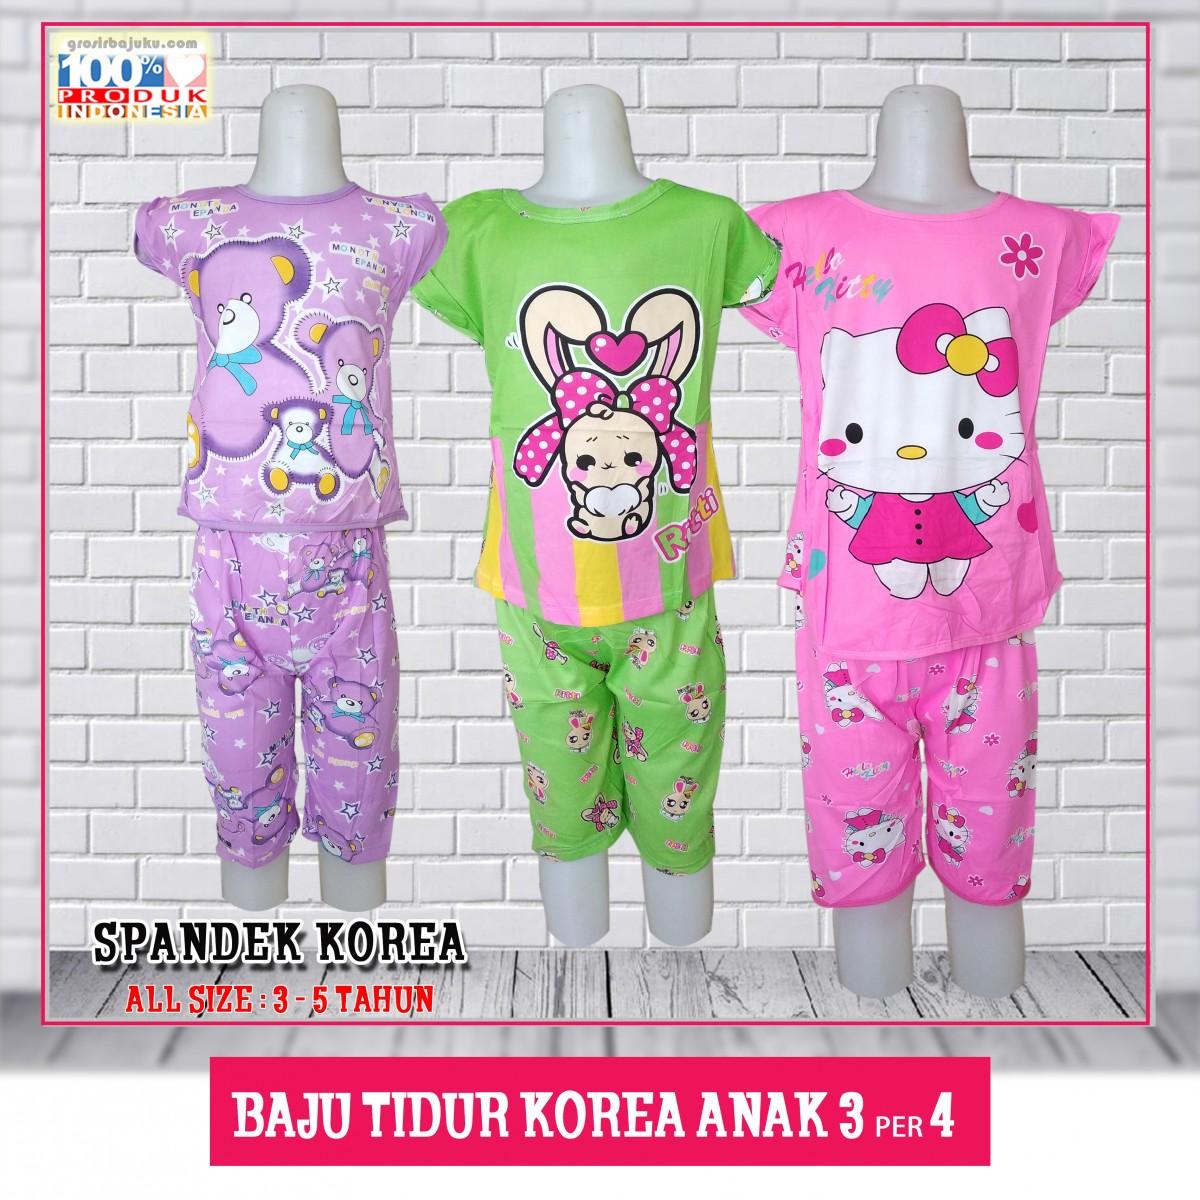 ObralanBaju.com Baju Tidur Korea Anak 3/4